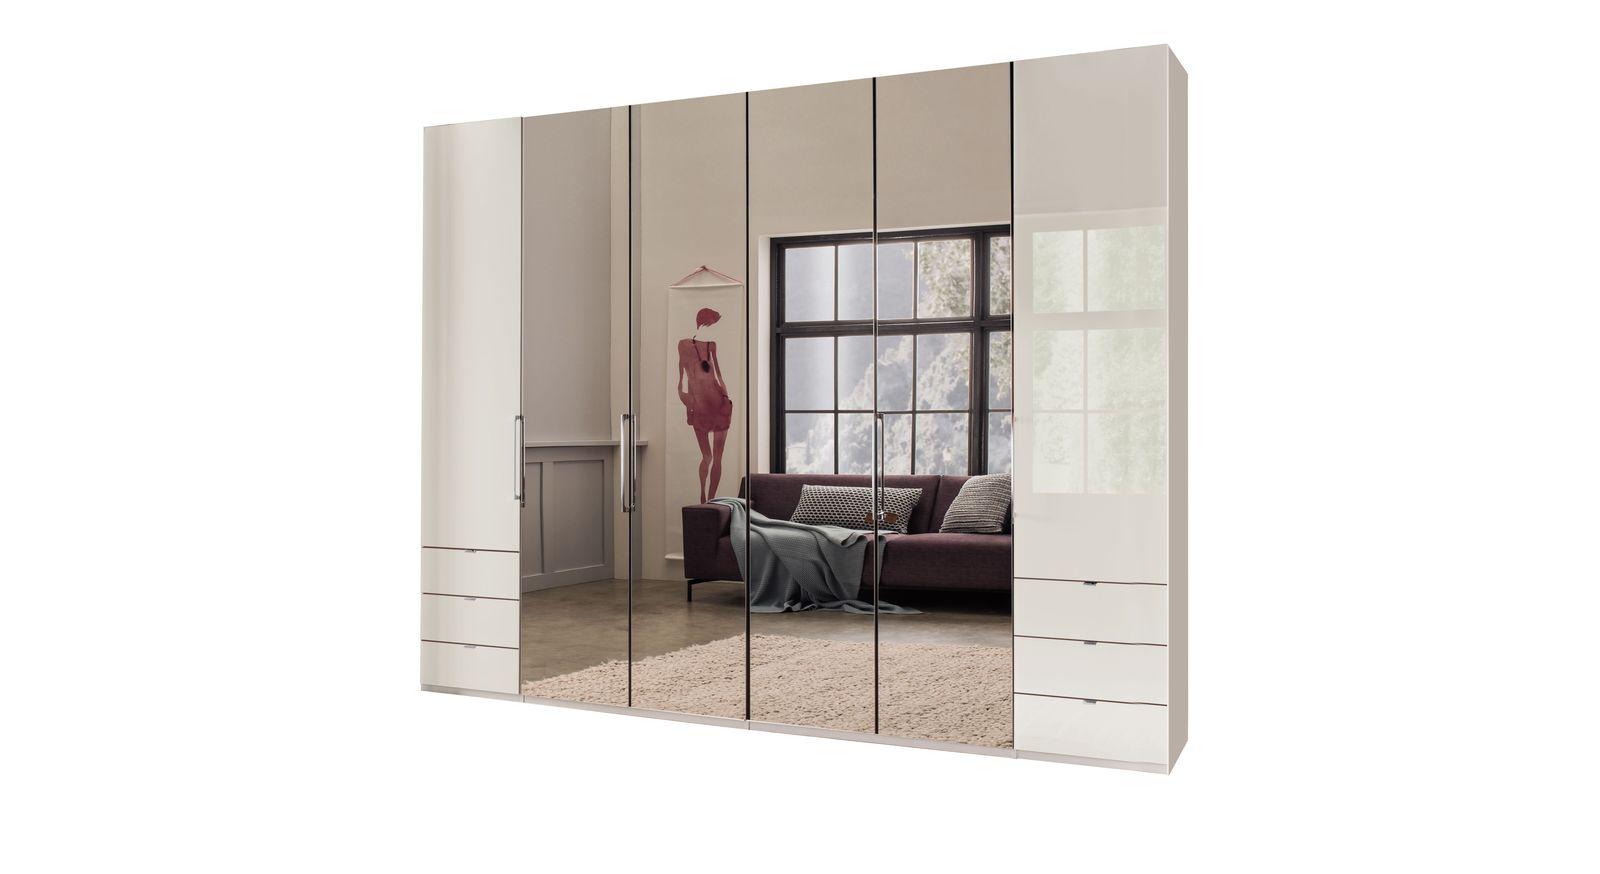 Spiegel-Funktions-Kleiderschrank Northville mit champagnerfarbenen Glasfronten